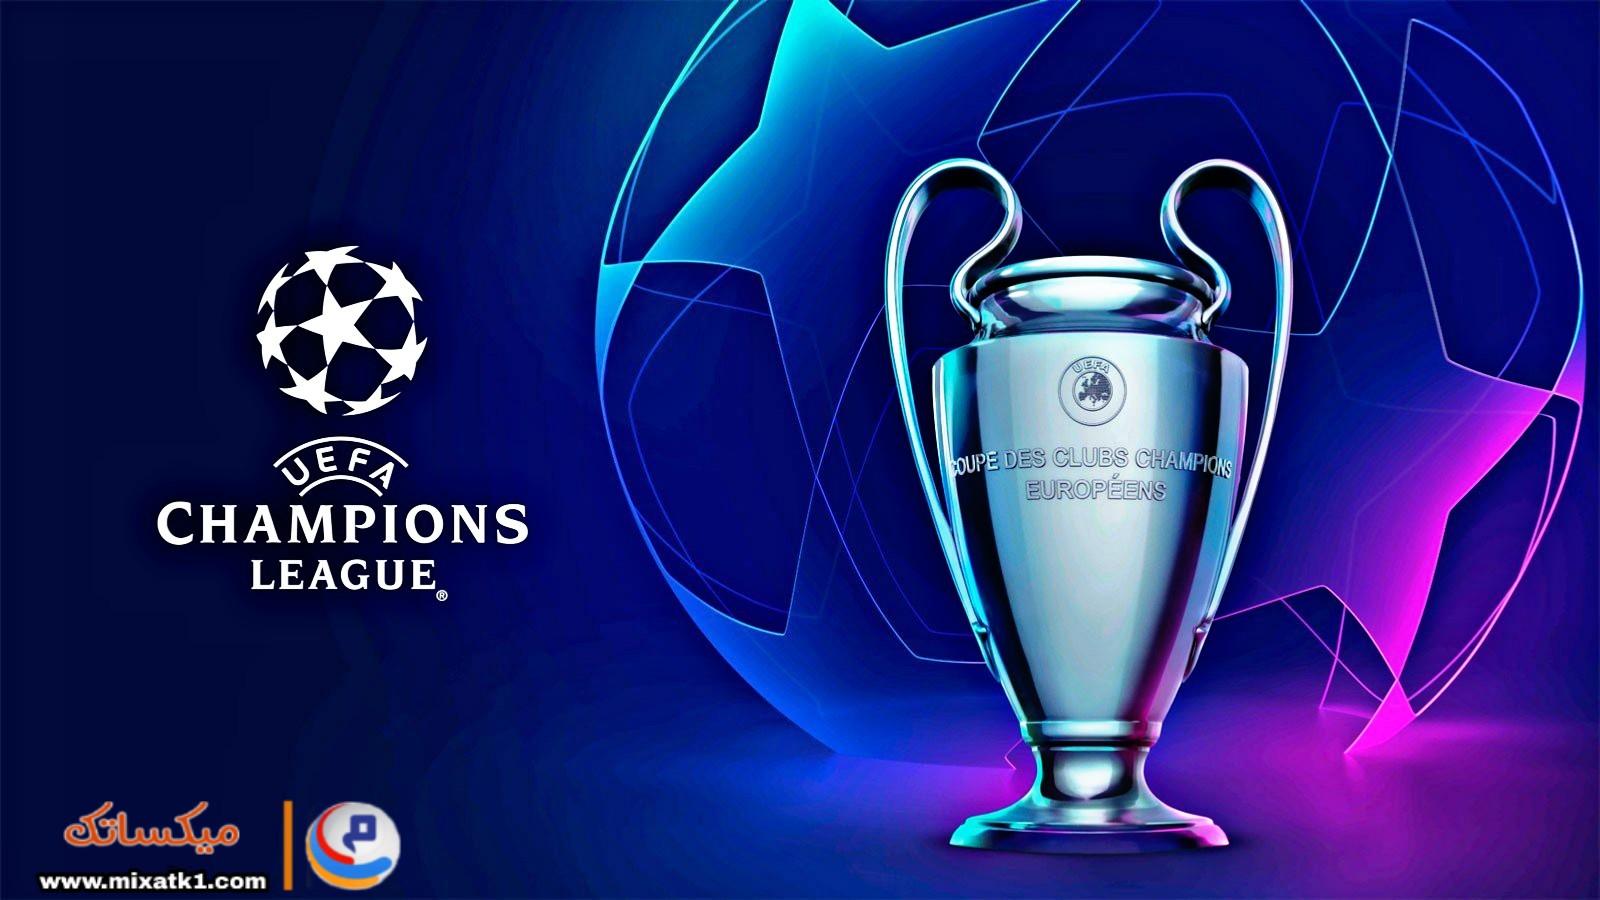 قرعة دوري ابطال اوروبا، قرعة دوري ابطال اوروبا 2020، دوري ابطال اوروبا، مجموعات دوري ابطال اوروبا 2020، مجموعة ليفربول في دوري الابطال٢٠٢٠, دوري أبطال أوروبا، دورى ابطال اوروبا